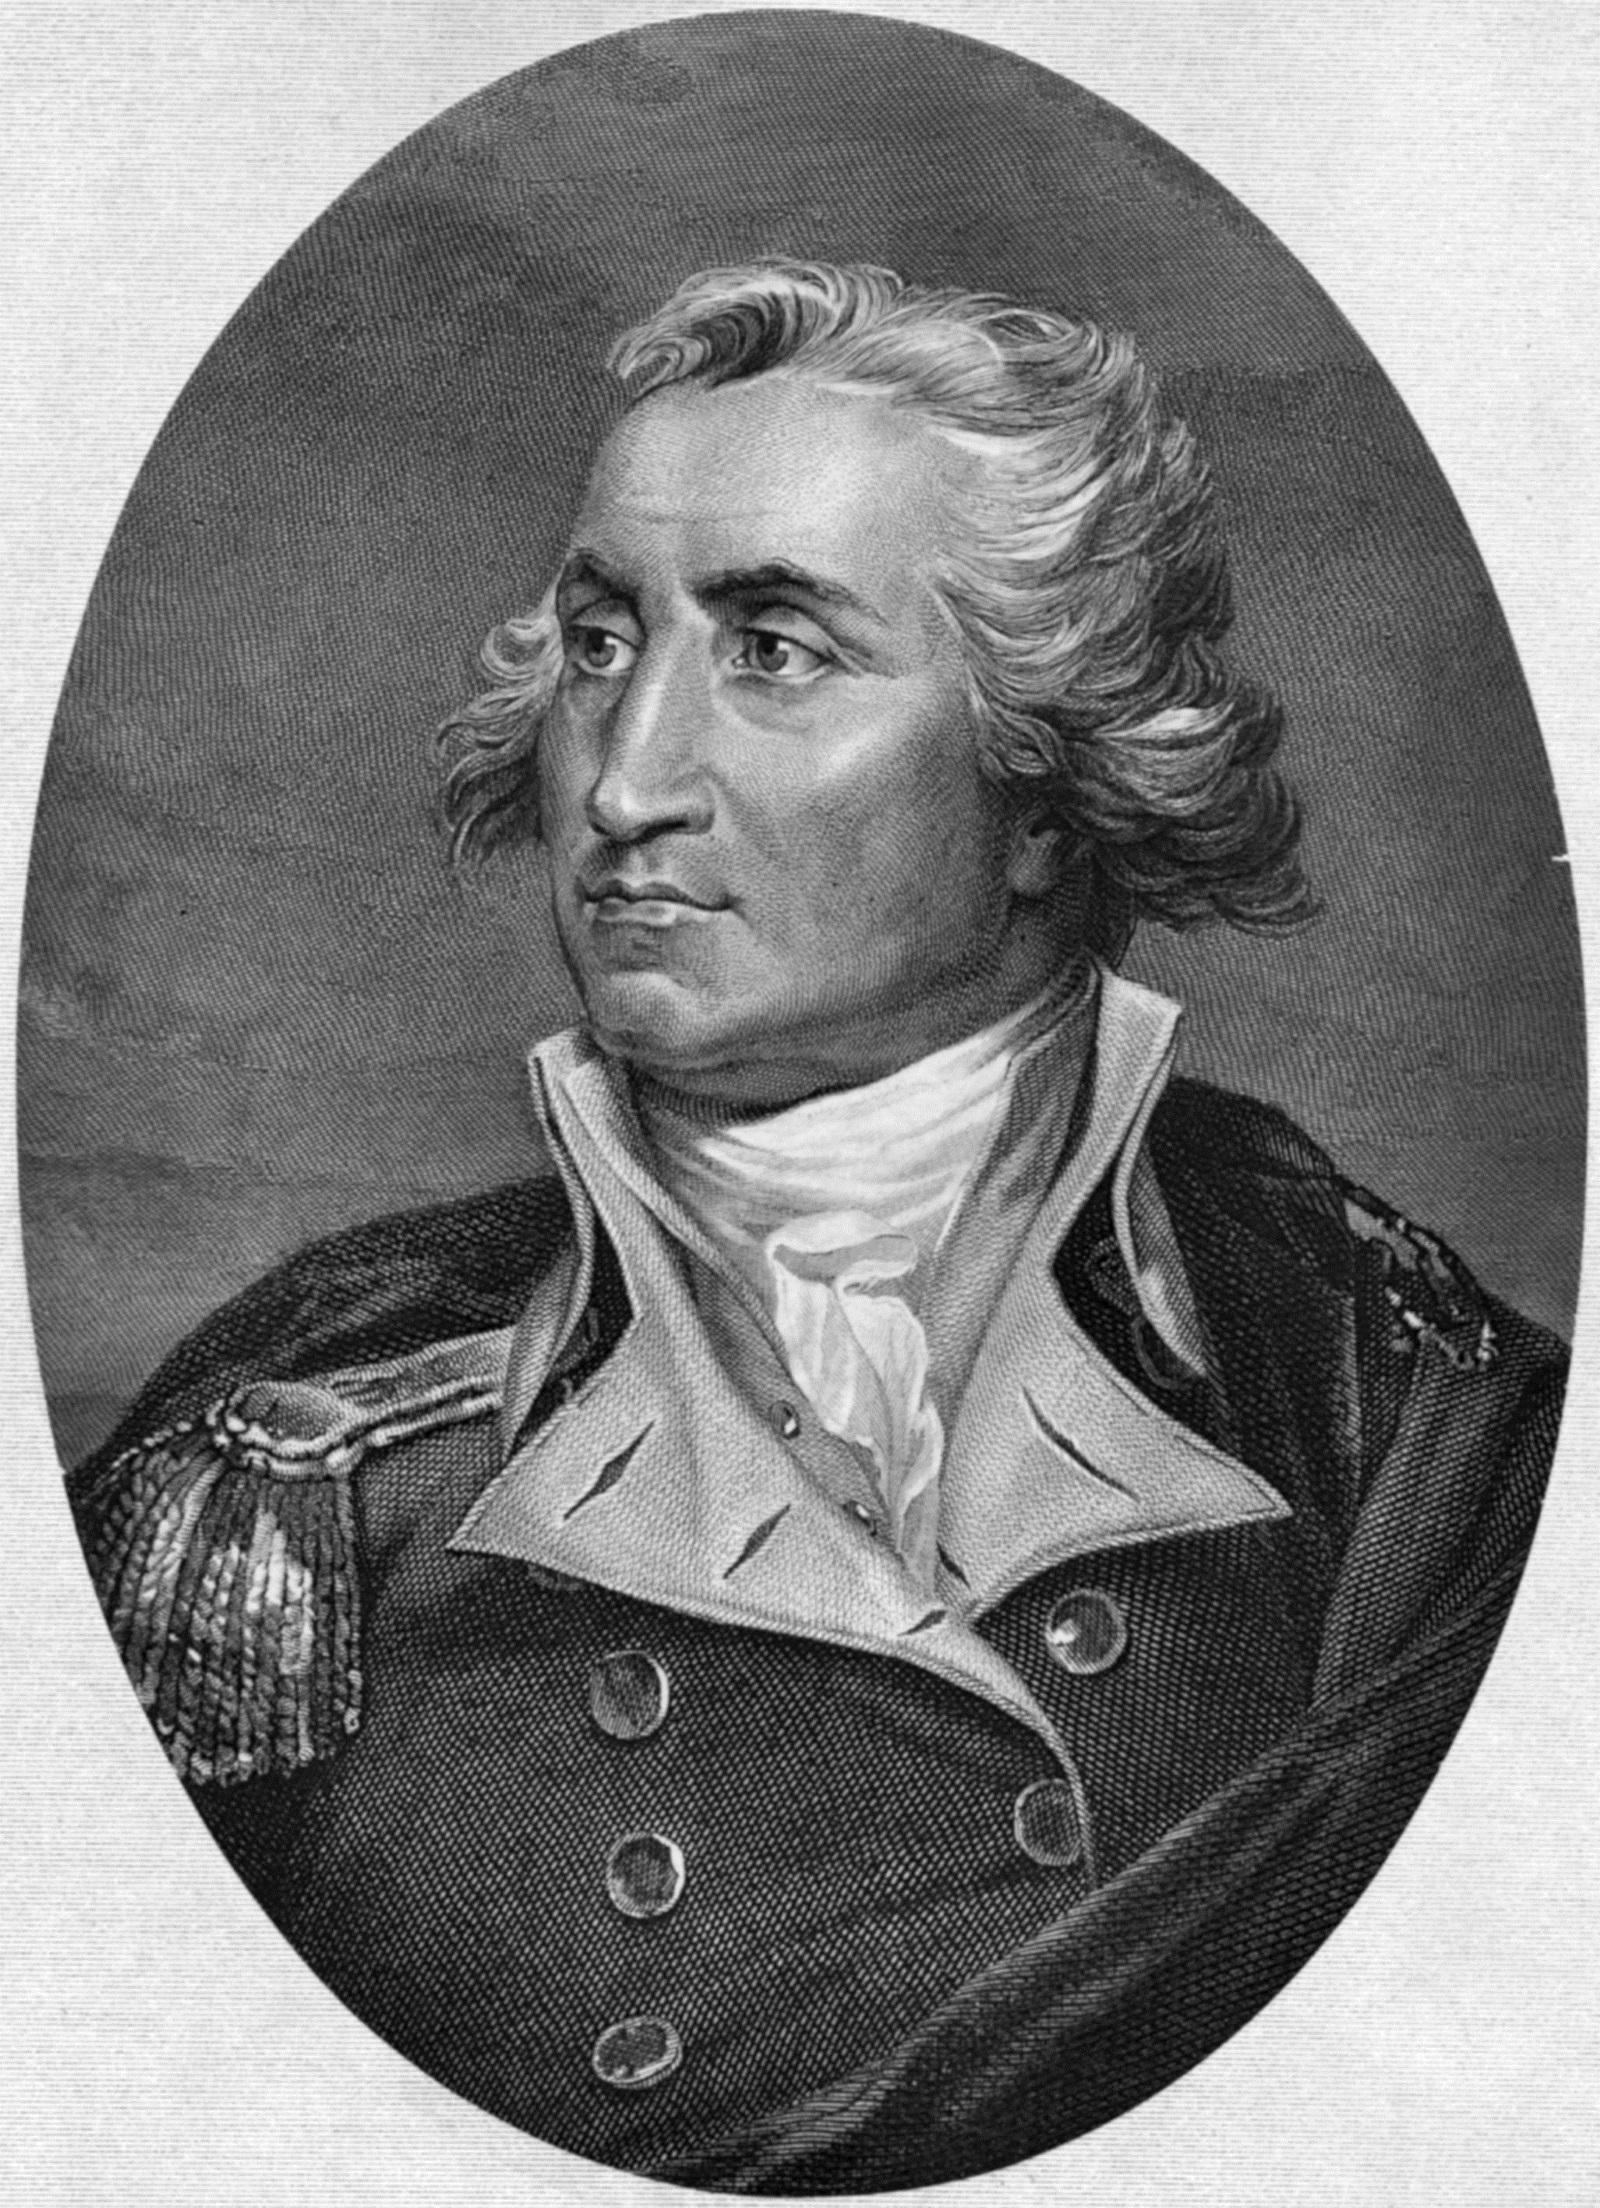 Джордж Вашингтон<br /> Кетчупът от гъби е бил сред любимите добавки за ядене на Джордж Вашингтон. Той е започнал да го добавя към храната си по време на военната му служба. И ако обикновеният кетчуп се прави от домати, то този е от гъби, аншоа и хрян.